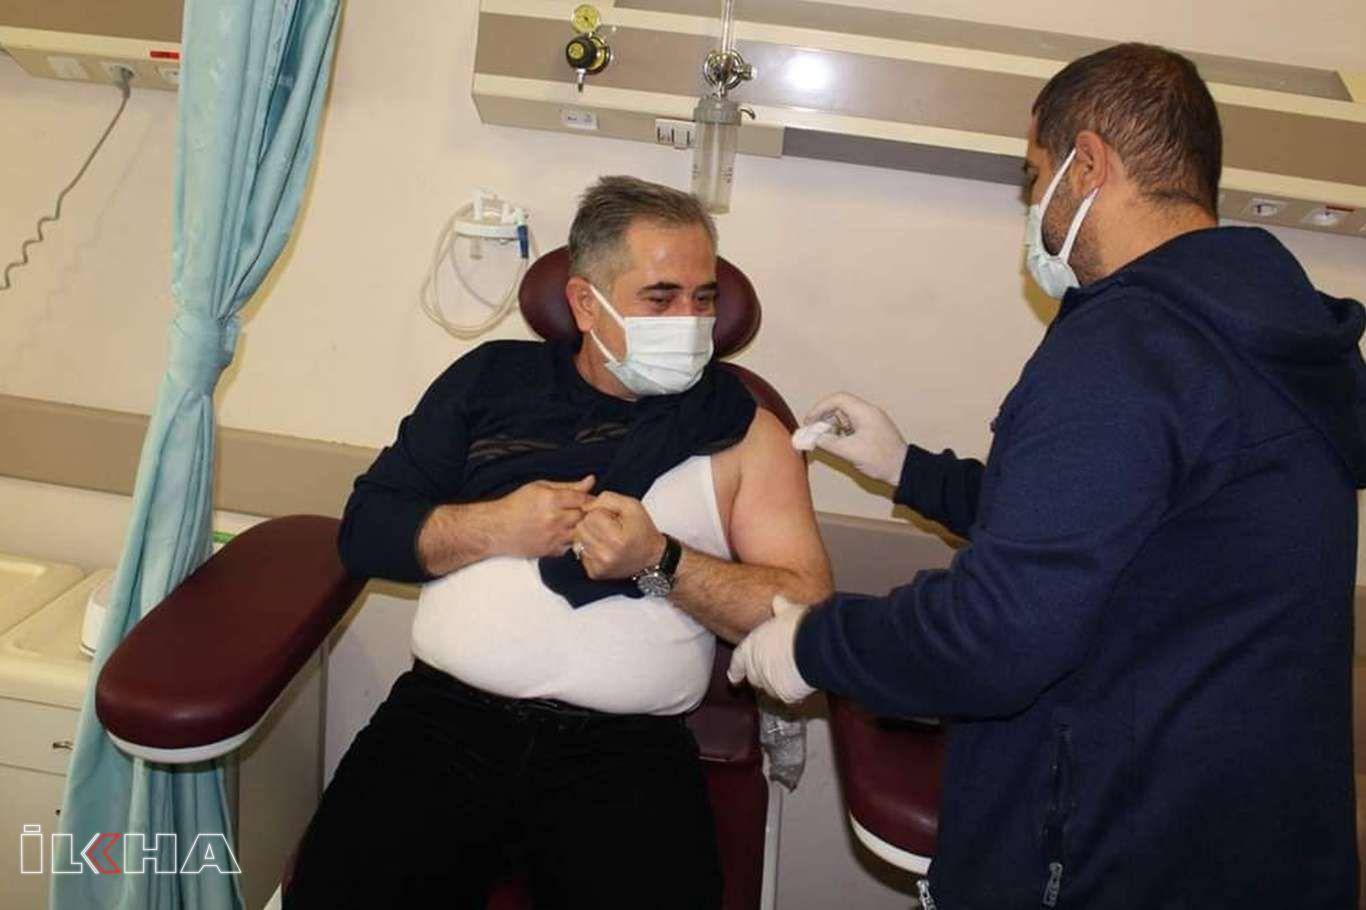 Nusaybin Devlet Hastanesi sağlık çalışanları Covid-19 aşısı oldu